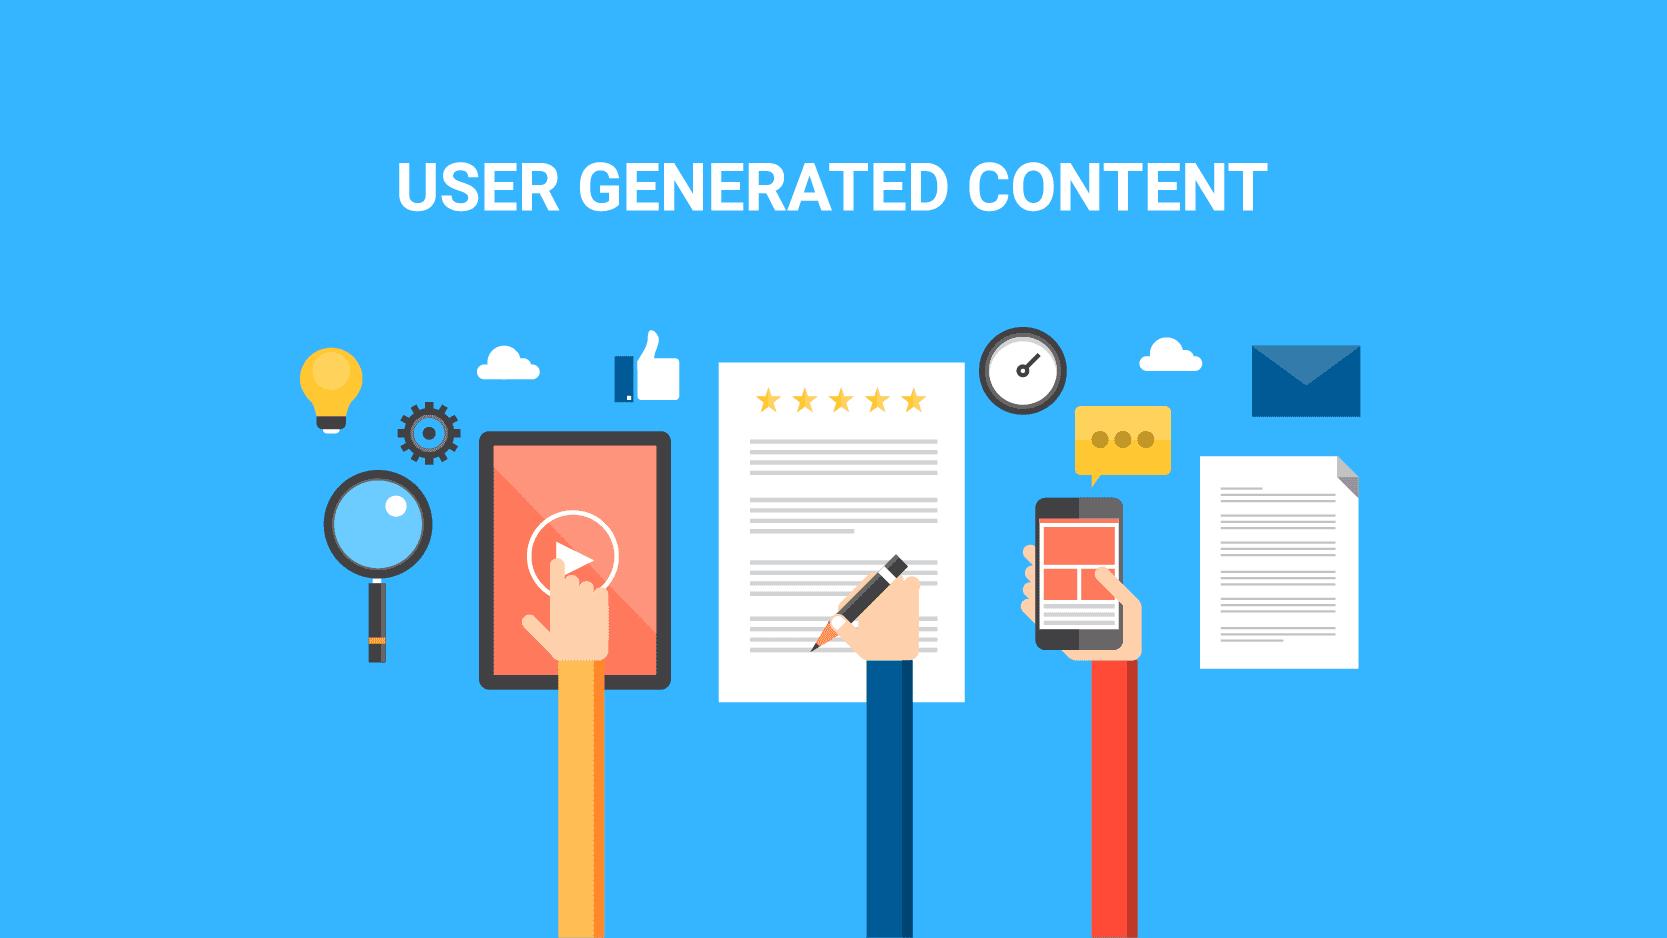 usr-generated-content-worth